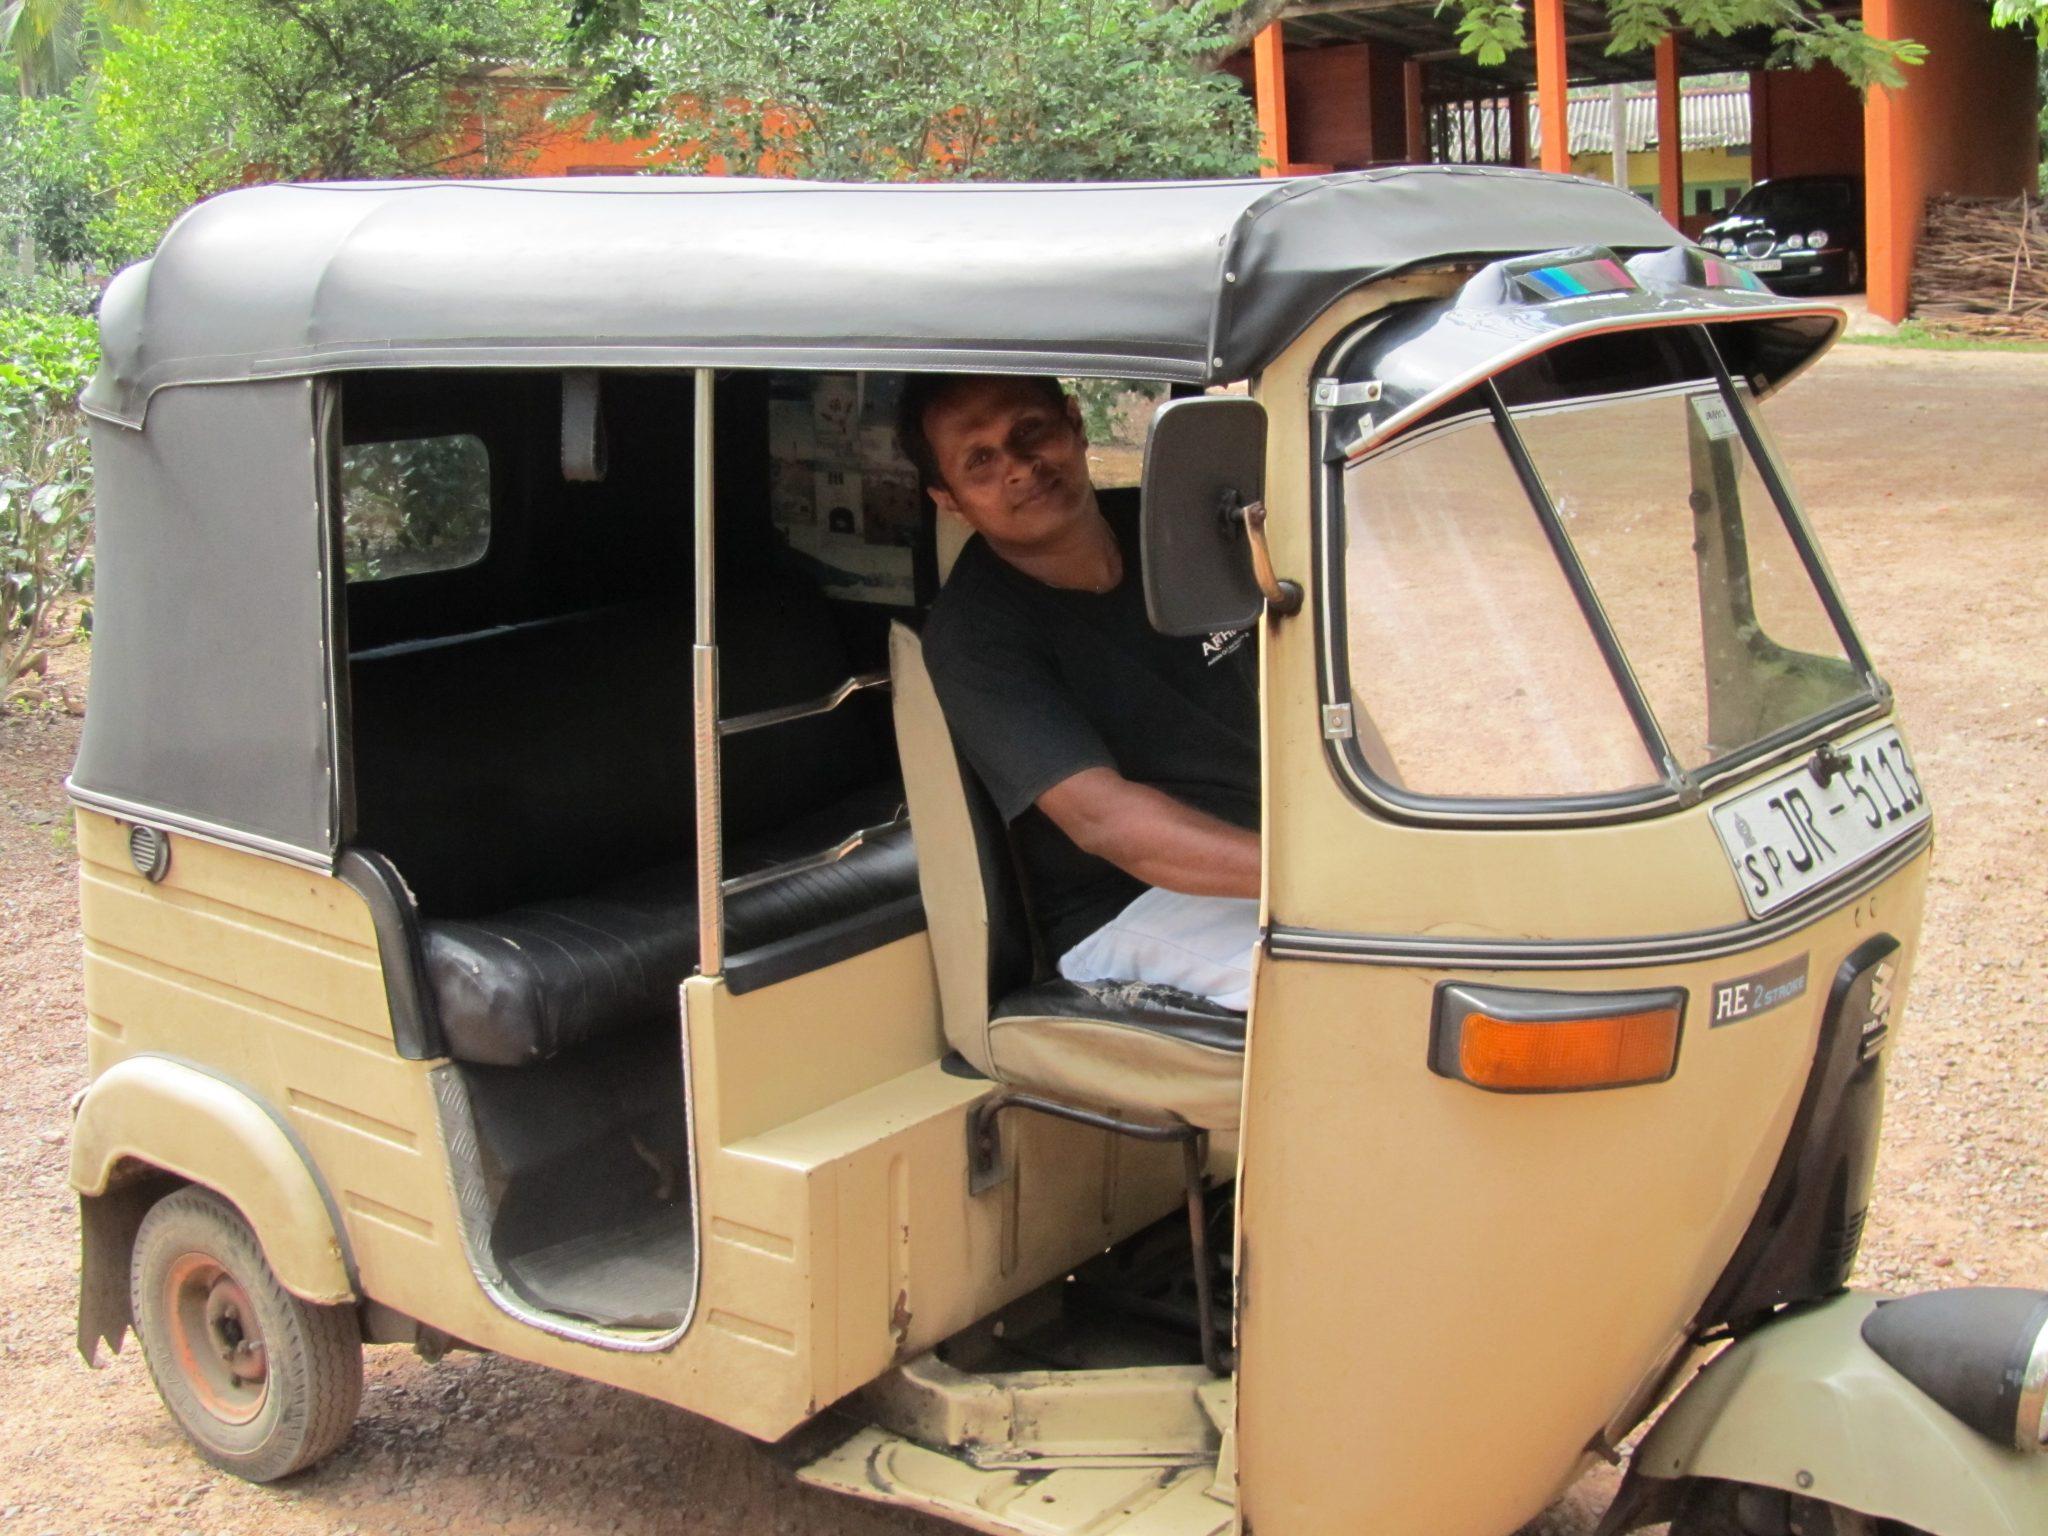 Tuk tuk in Galle, Sri Lanka